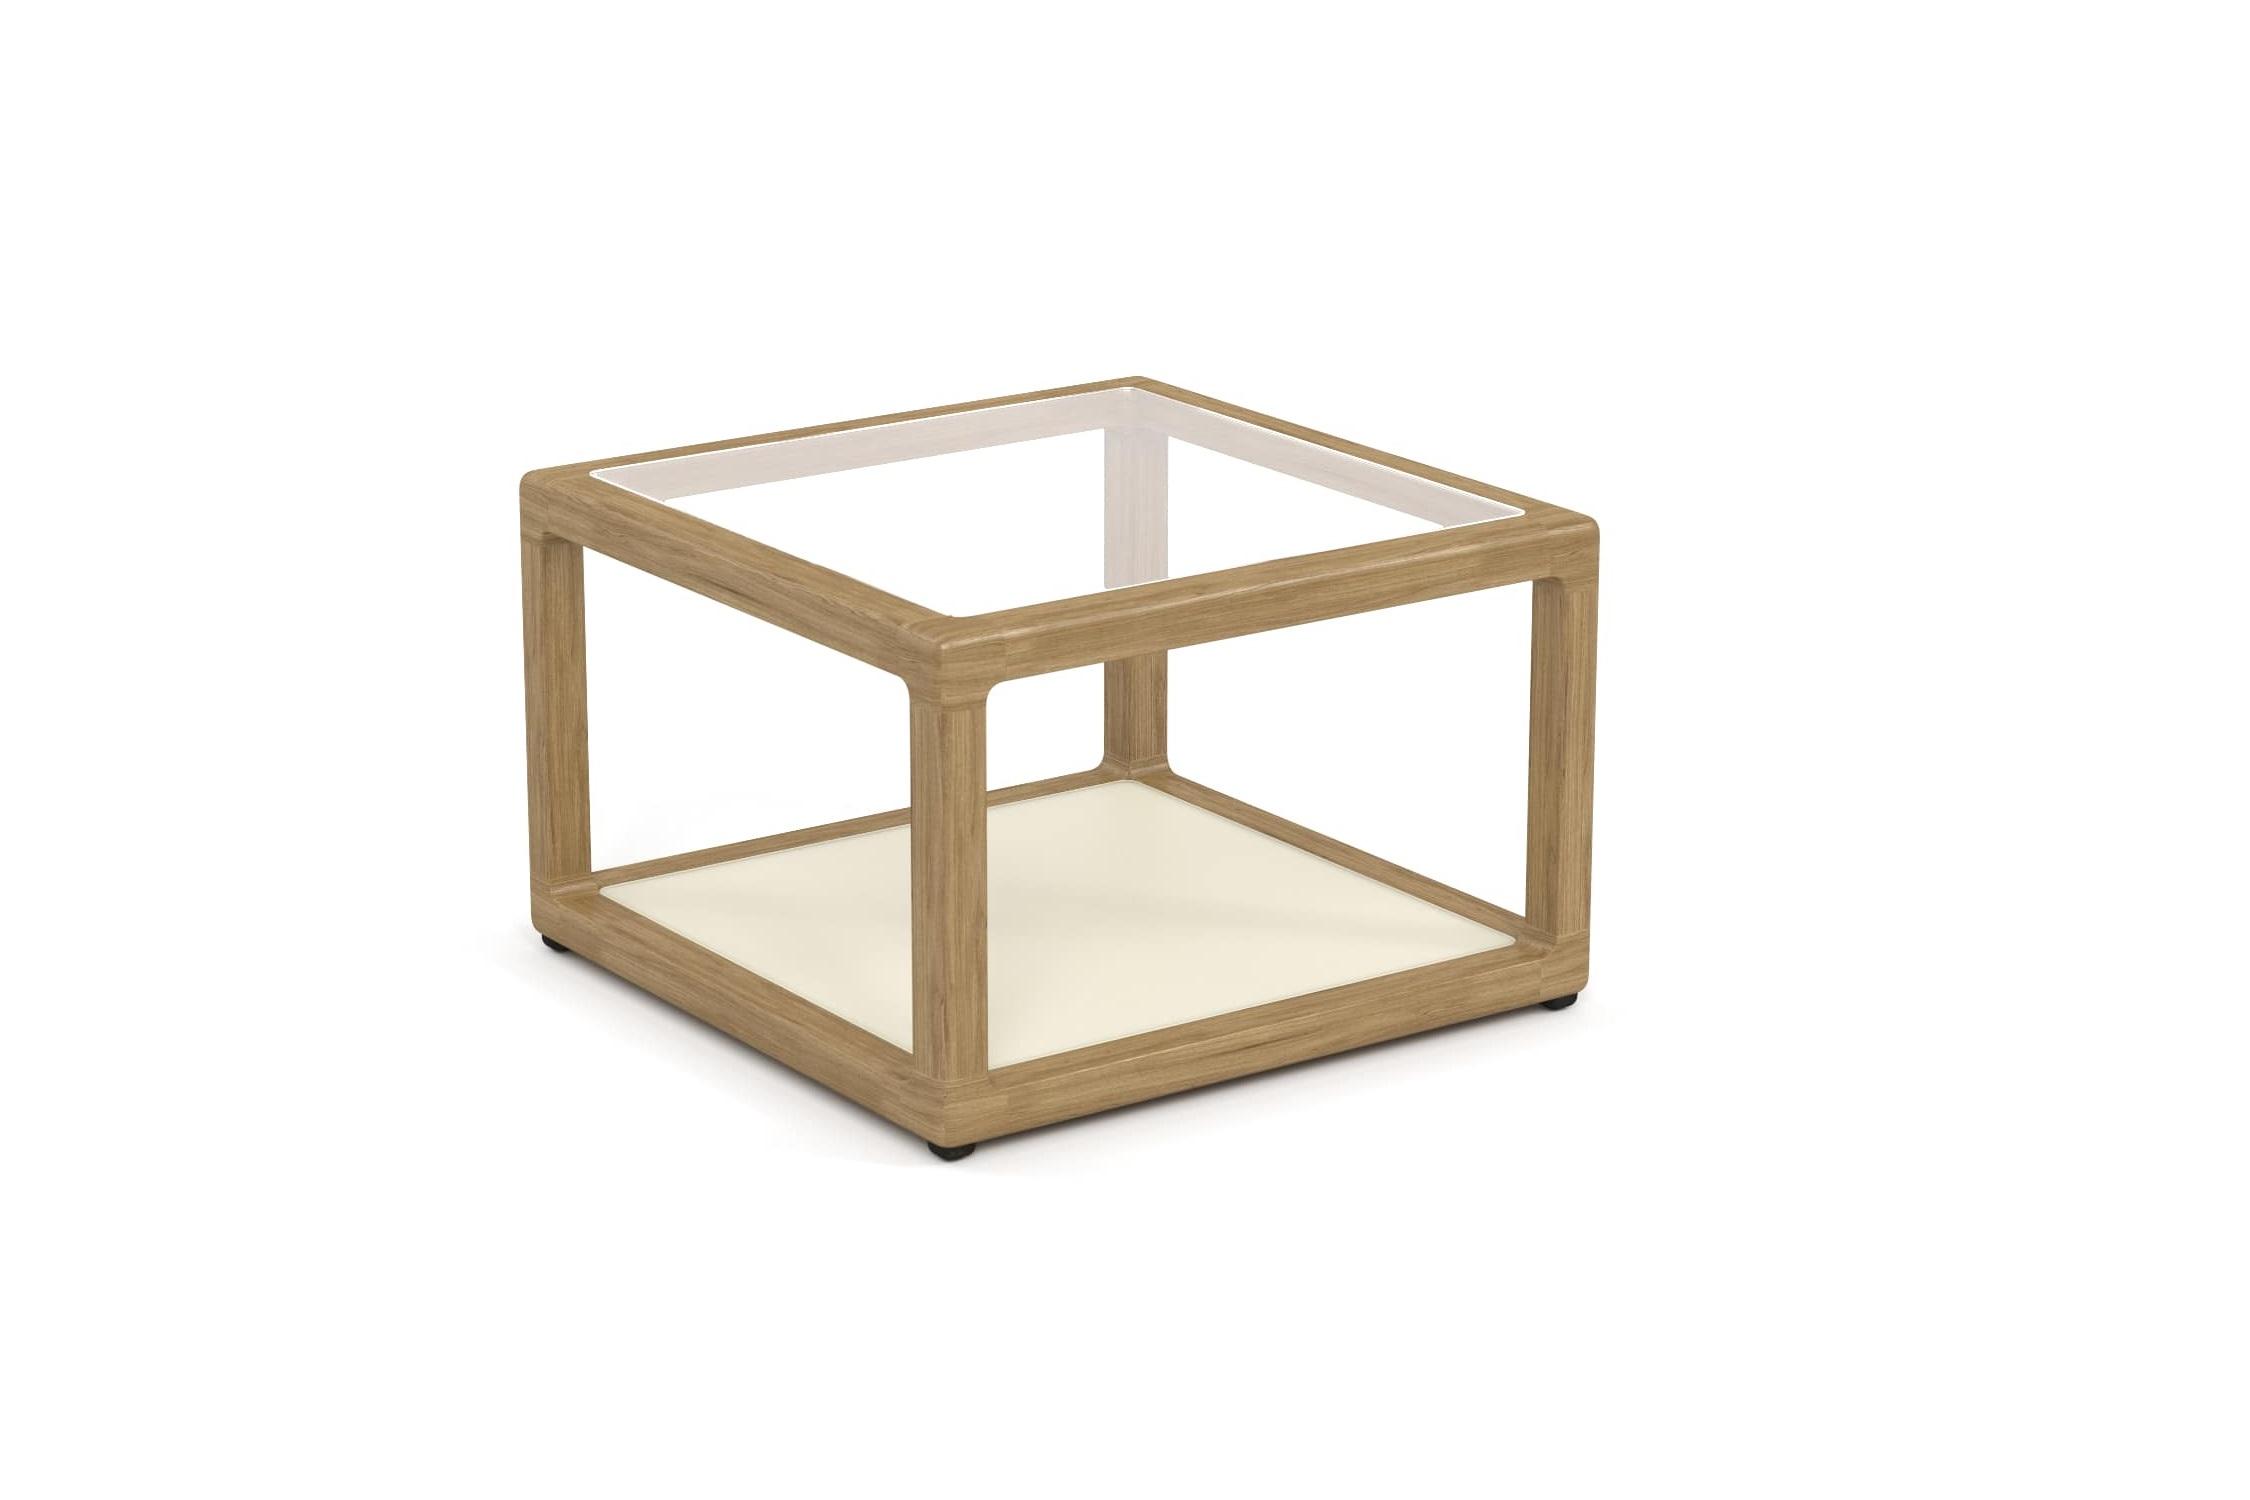 Стол журнальный SeagullСтолы и столики для сада<br>&amp;lt;div&amp;gt;Коллекция SEAGULL – воплощение природной простоты и естественного совершенства. Мебель привлекает тёплыми тонами, уникальностью материала и идеальными пропорциями. Стеклянные столешницы обеденных и журнальных столов по цвету гармонируют с тканью подушек, удобные диваны и «утопающие» кресла дарят ощущения спокойствия и комфорта.&amp;amp;nbsp;&amp;lt;/div&amp;gt;&amp;lt;div&amp;gt;&amp;lt;br&amp;gt;&amp;lt;/div&amp;gt;&amp;lt;div&amp;gt;Ироко – экзотическая золотисто-коричневатая/оливково-коричневая древесина с золотистым оттенком. Цвет ироко практически не меняется со временем, немного темнеет и приобретает теплый маслянистый оттенок. По физическим свойствам не уступает тику. Древесина африканского тика не подвержена гниению и воздействию термитов, не требует дополнительной антибактериальной обработки. Мебель из ироко допускает круглогодичную эксплуатацию на открытом воздухе, выдерживает перепады температур от –30 до +30С. Срок службы более 20 лет.&amp;amp;nbsp;&amp;lt;/div&amp;gt;&amp;lt;div&amp;gt;&amp;lt;br&amp;gt;&amp;lt;/div&amp;gt;&amp;lt;div&amp;gt;Вся фурнитура изготовлена из нержавеющей стали на собственном производстве.&amp;amp;nbsp;&amp;lt;/div&amp;gt;&amp;lt;div&amp;gt;&amp;lt;br&amp;gt;&amp;lt;/div&amp;gt;<br><br>&amp;lt;iframe width=&amp;quot;530&amp;quot; height=&amp;quot;300&amp;quot; src=&amp;quot;https://www.youtube.com/embed/uL9Kujh07kc&amp;quot; frameborder=&amp;quot;0&amp;quot; allowfullscreen=&amp;quot;&amp;quot;&amp;gt;&amp;lt;/iframe&amp;gt;<br><br>Material: Ироко<br>Ширина см: 60.0<br>Высота см: 40.0<br>Глубина см: 60.0